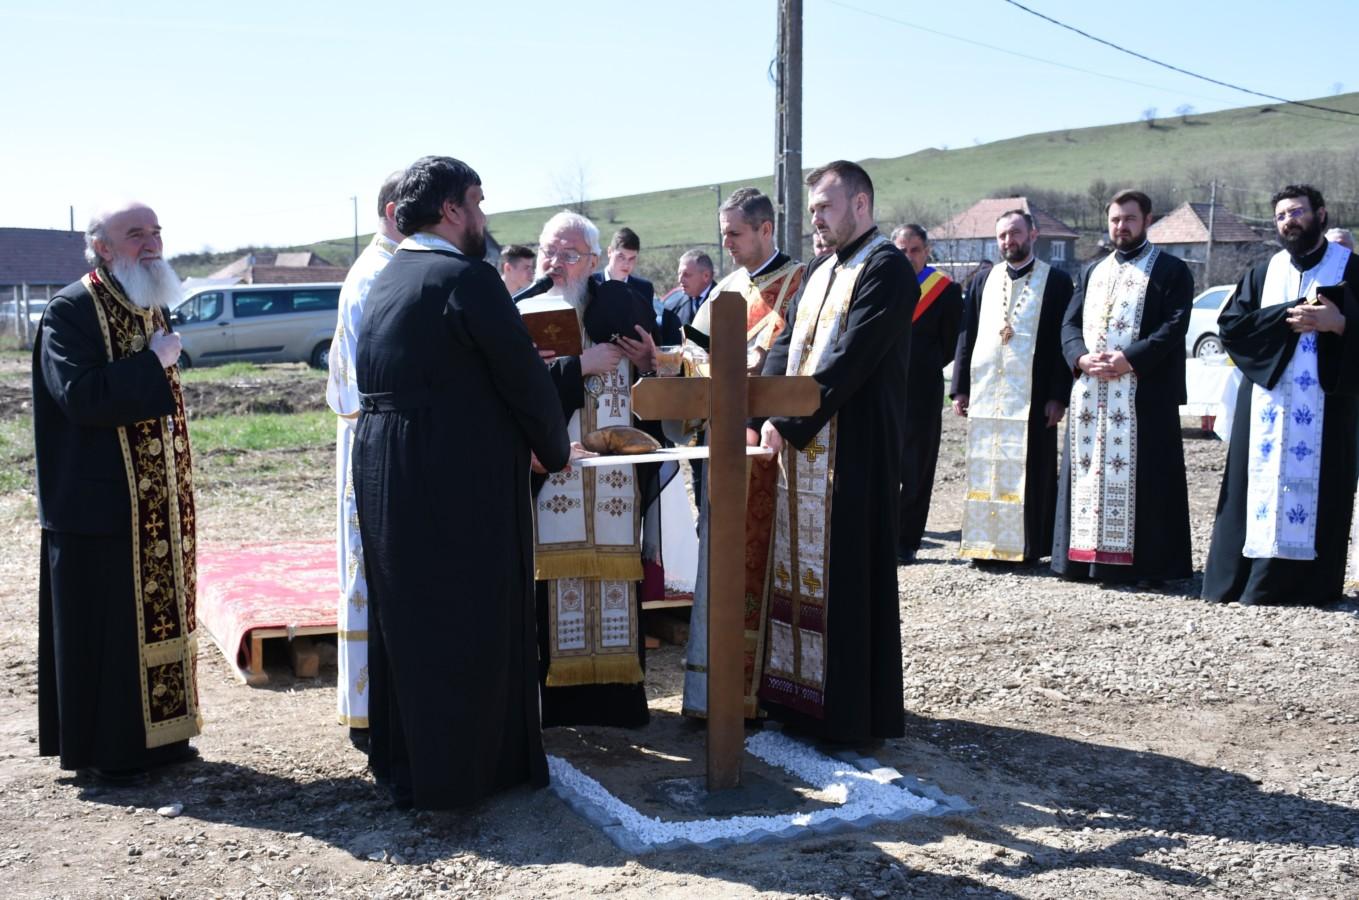 Părintele Mitropolit Andrei a pus piatra de temelie pentru noua biserică din localitatea clujeană Sub Coastă